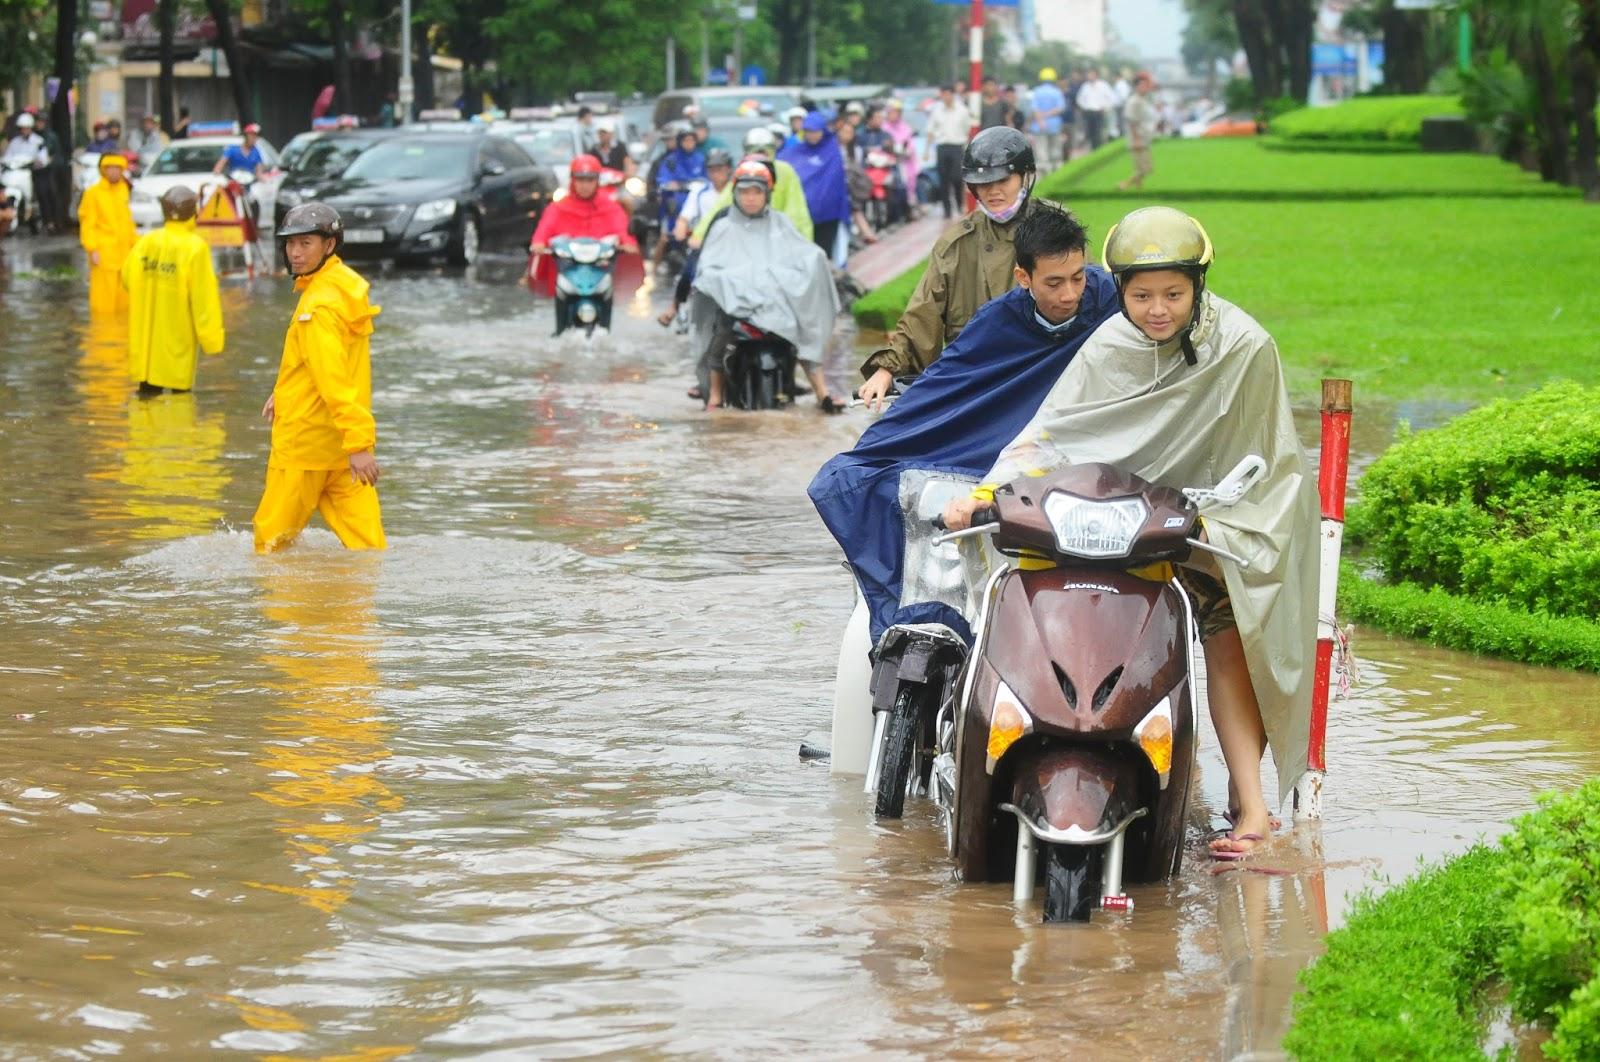 Hình ảnh tuyến đường bị ngập lụt tại Hà Nội